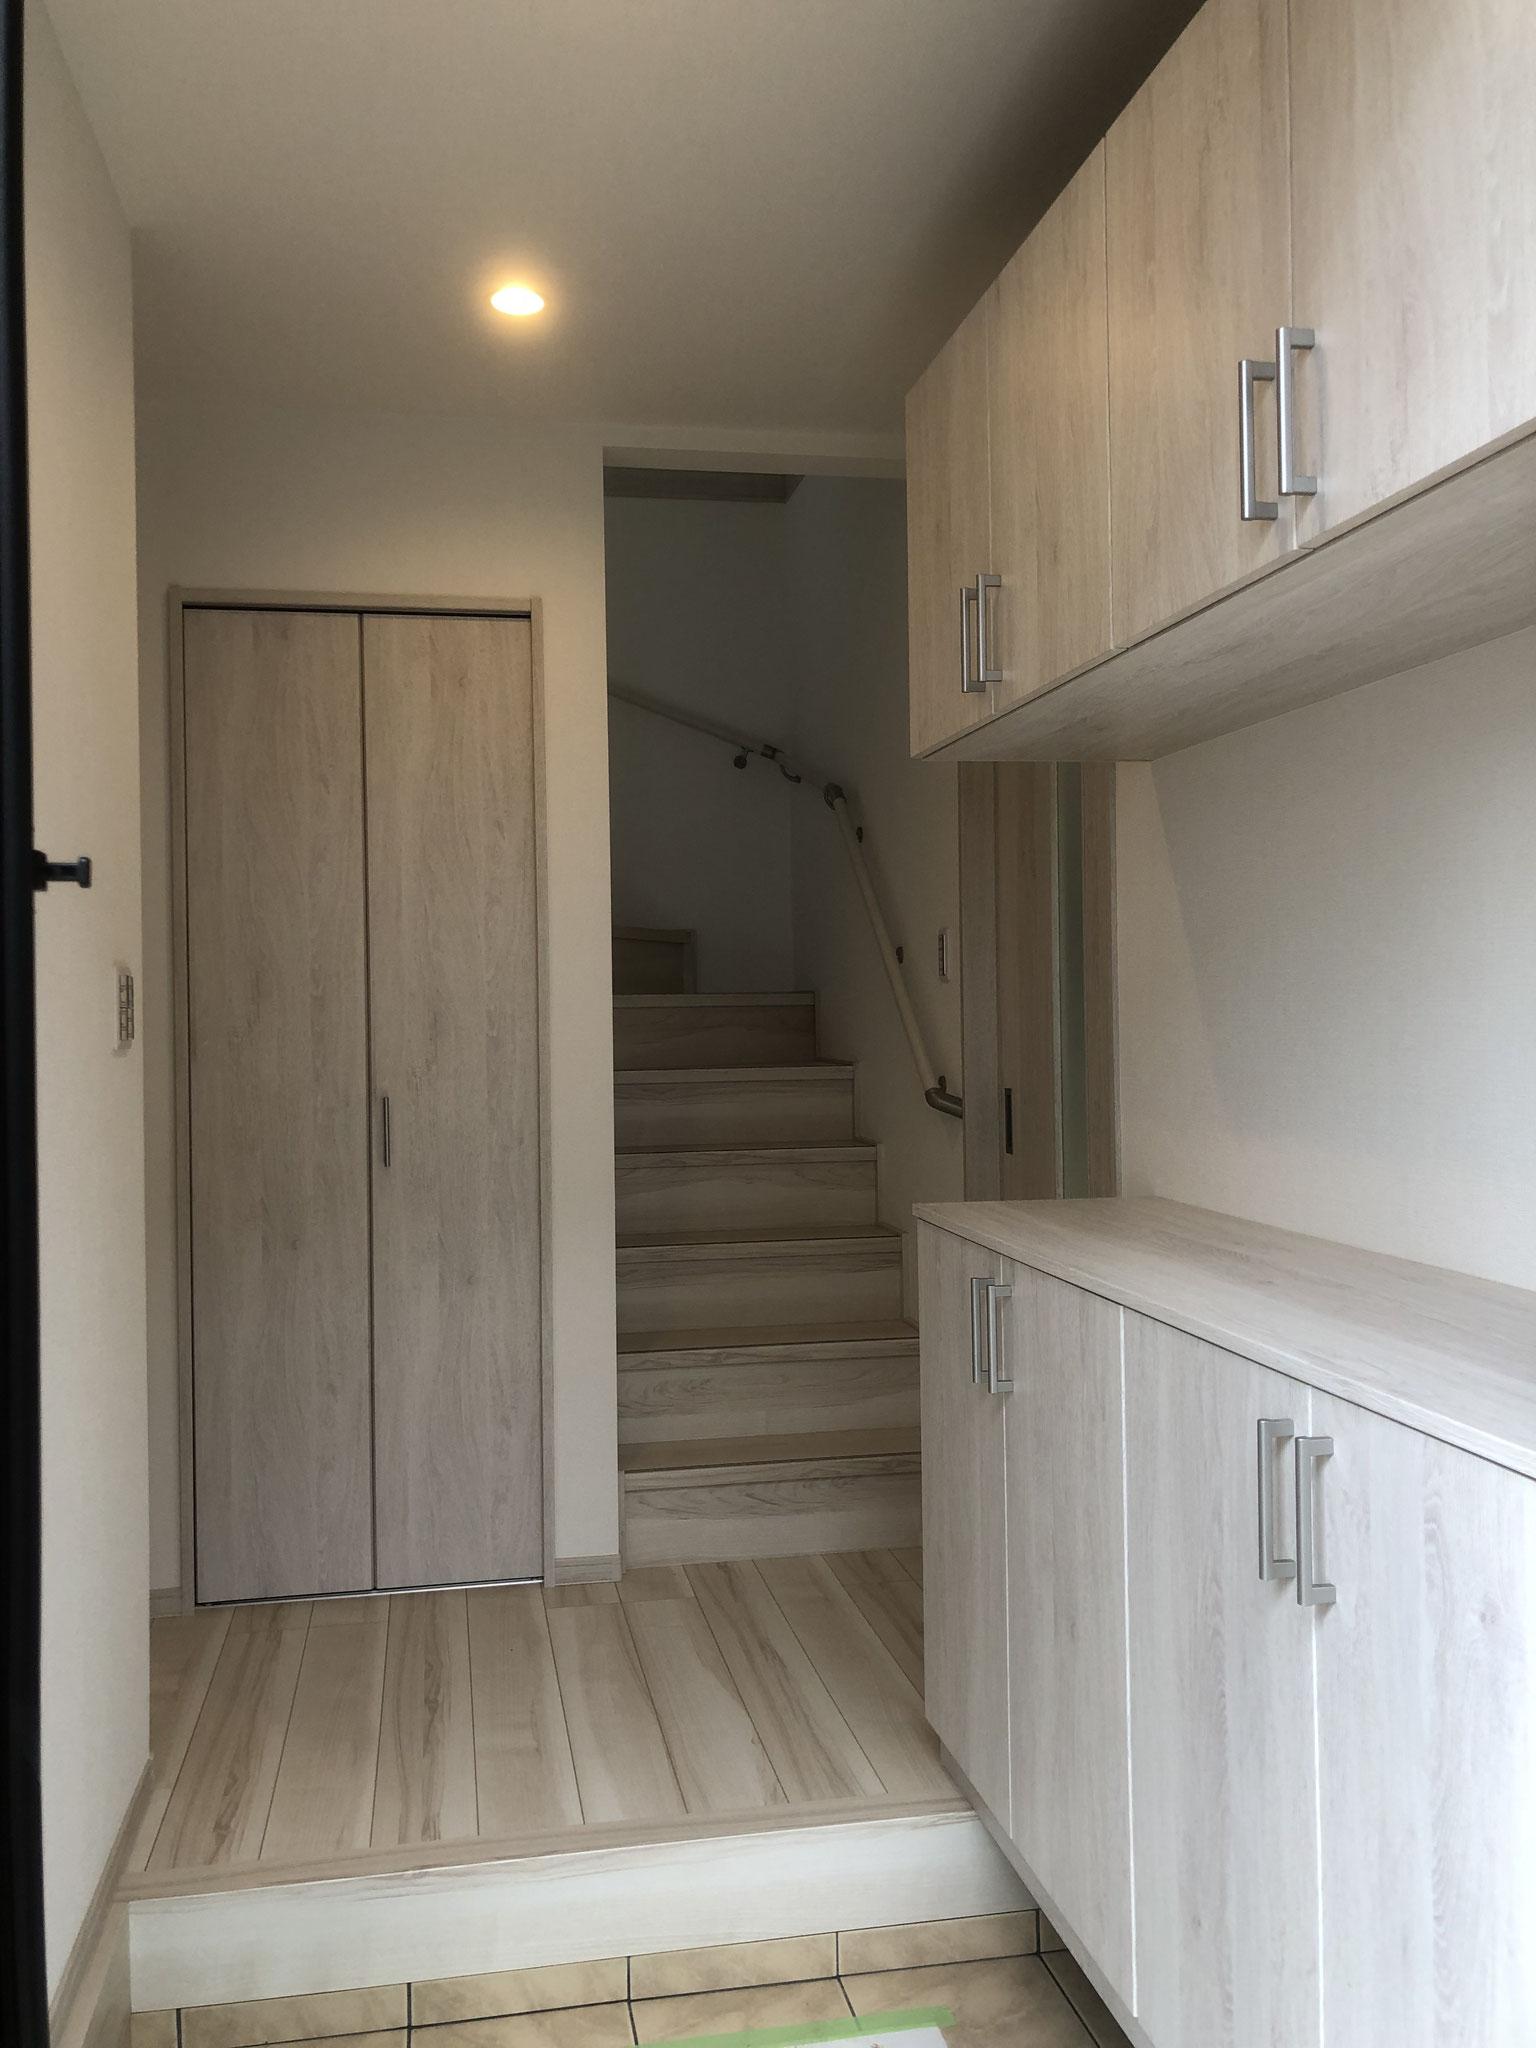 玄関収納は、上下セパレートのタイプで、真ん中の空間を広く使えます。玄関廻りに収納が2カ所あります。